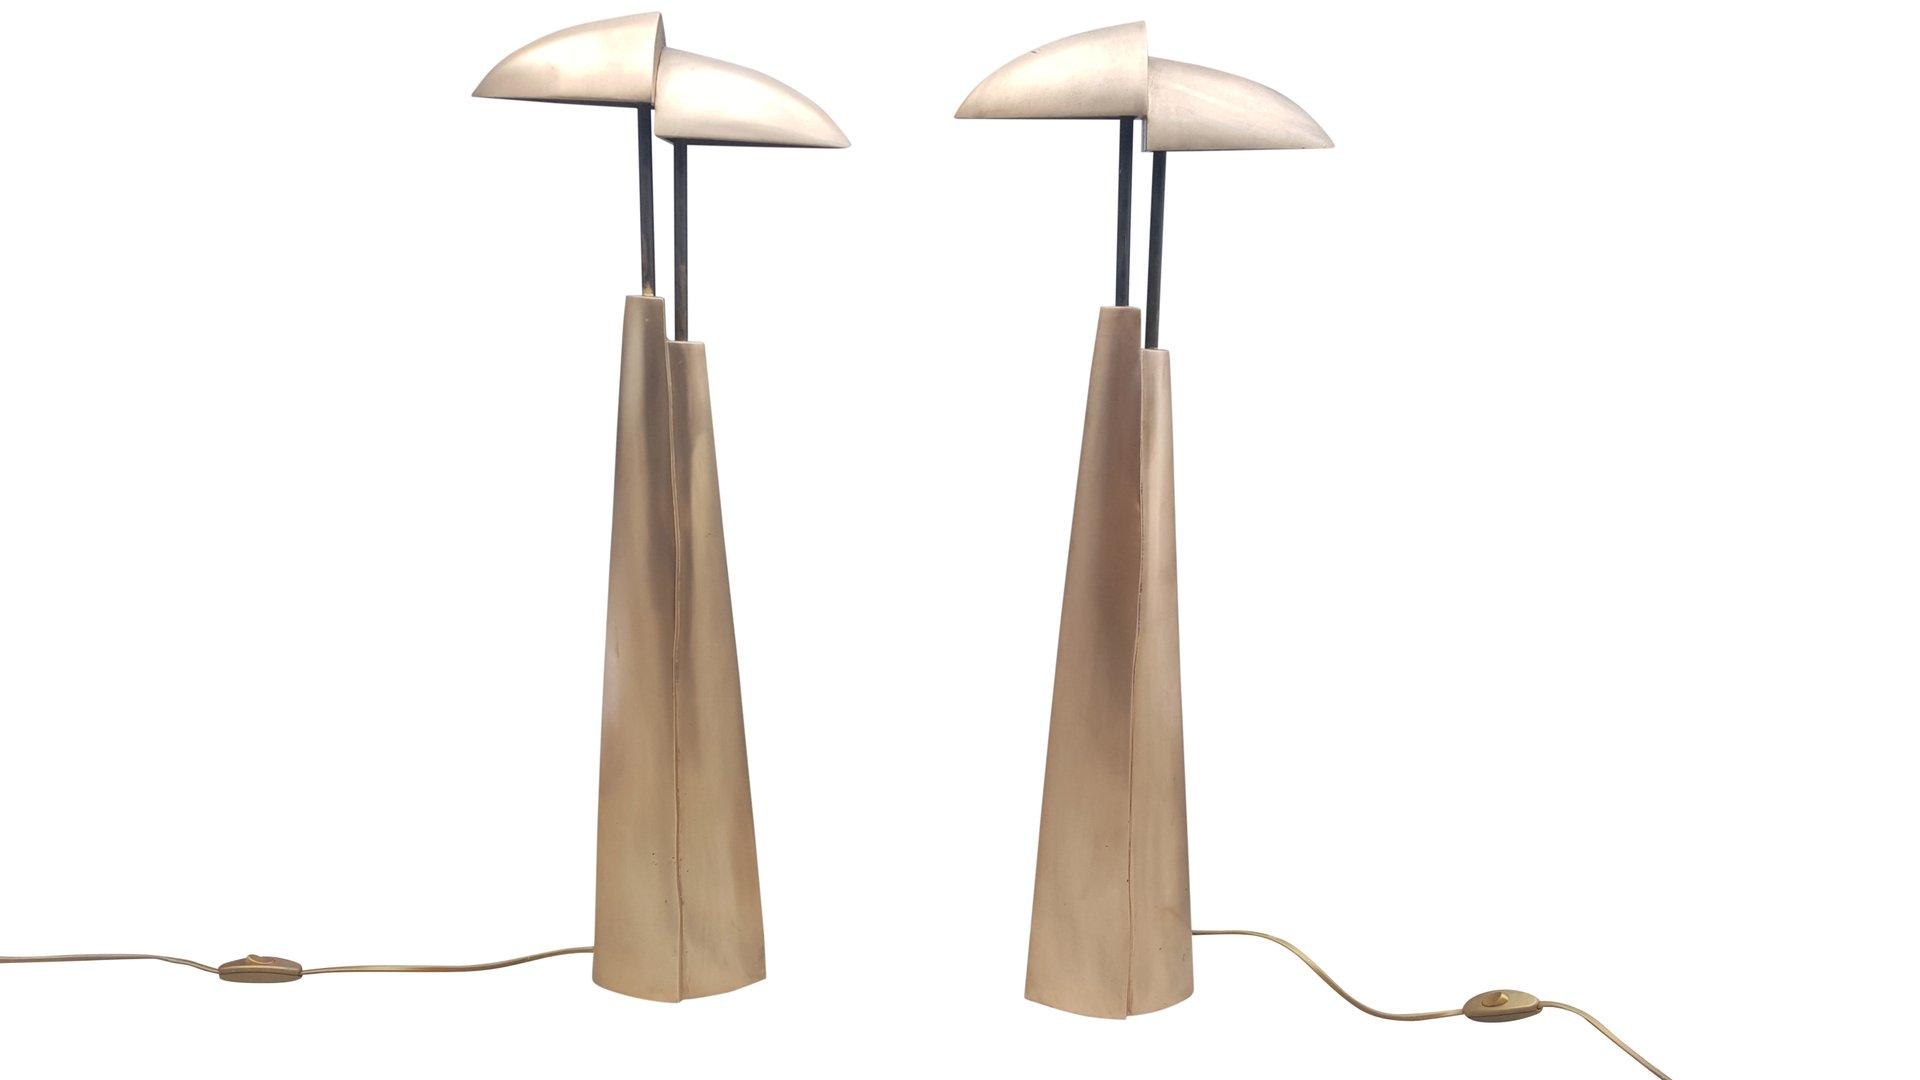 mid century modern bronze tischlampen 2er set bei pamono kaufen. Black Bedroom Furniture Sets. Home Design Ideas